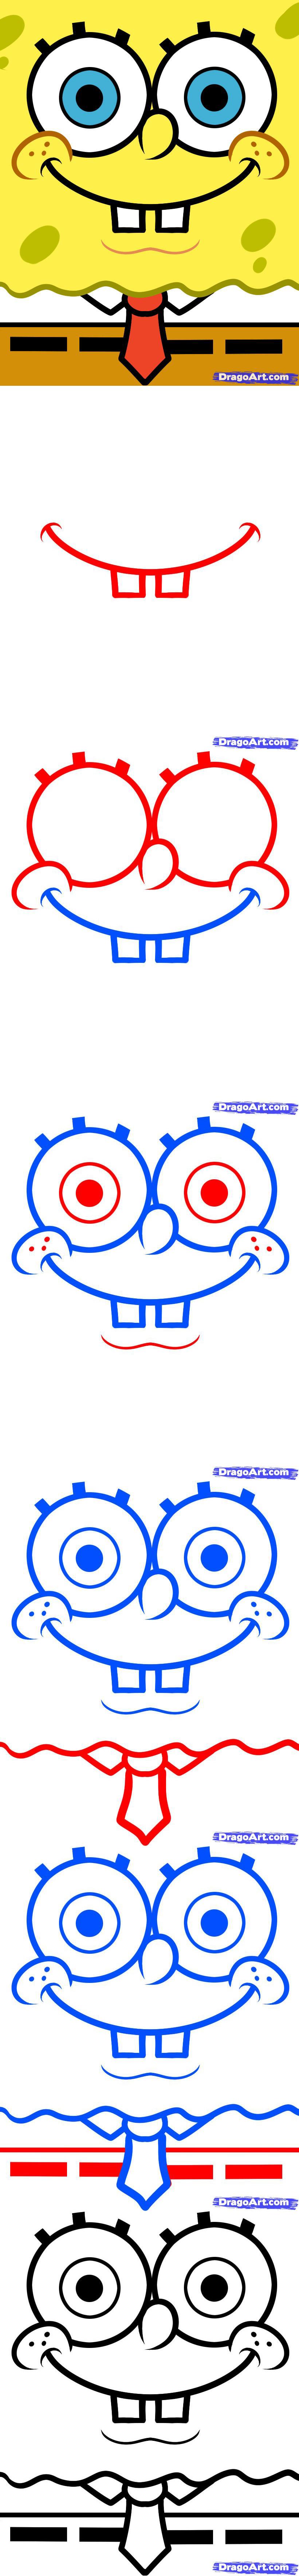 How To Draw Spongebob Easy by Dawn | Festa do bob esponja ...